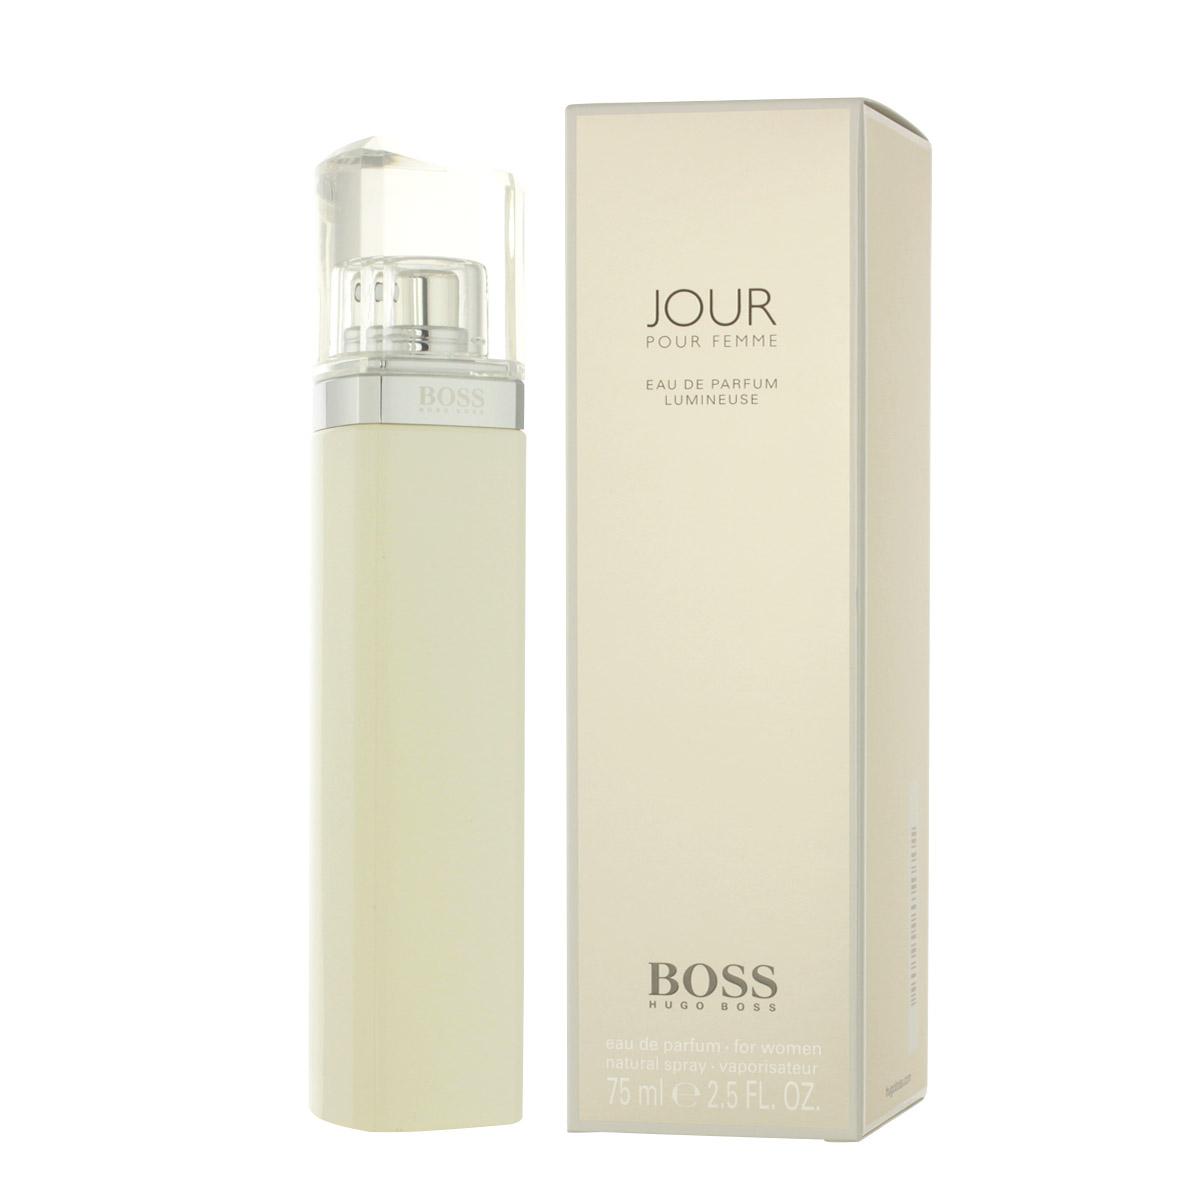 Hugo Boss Jour Pour Femme Lumineuse EDP 75 ml W